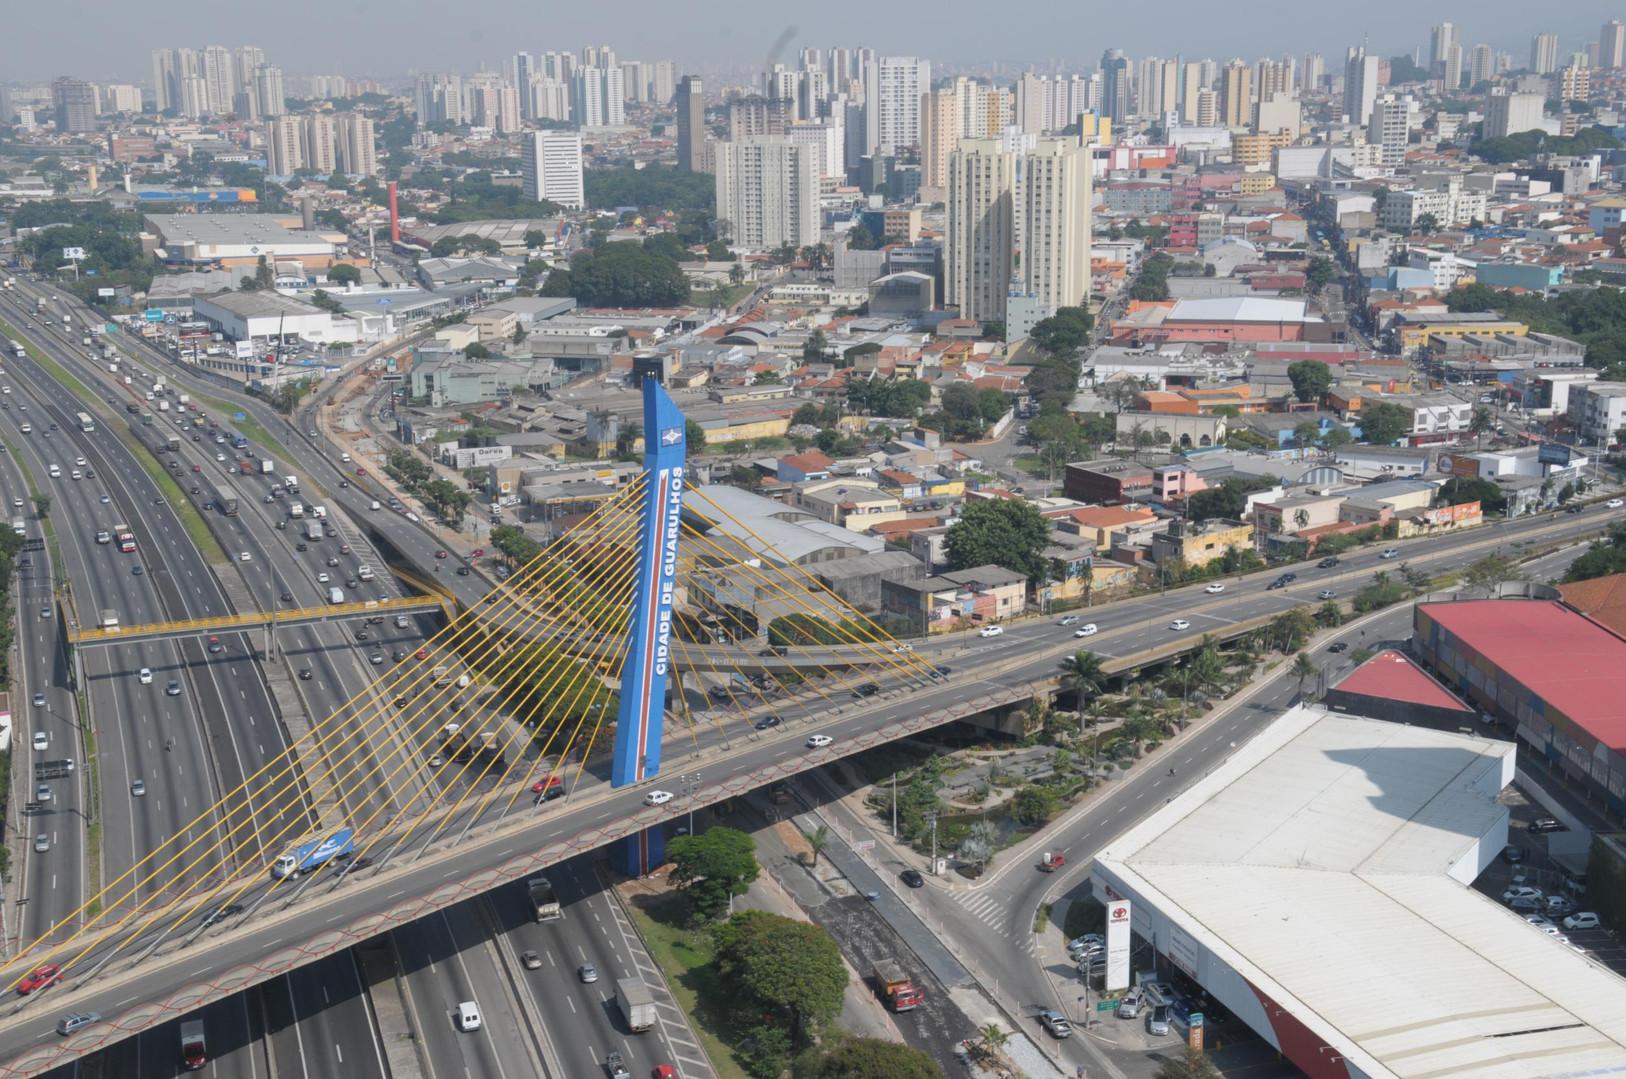 AErea_Viaduto_Cidade_de_Guarulhos_14 (1)